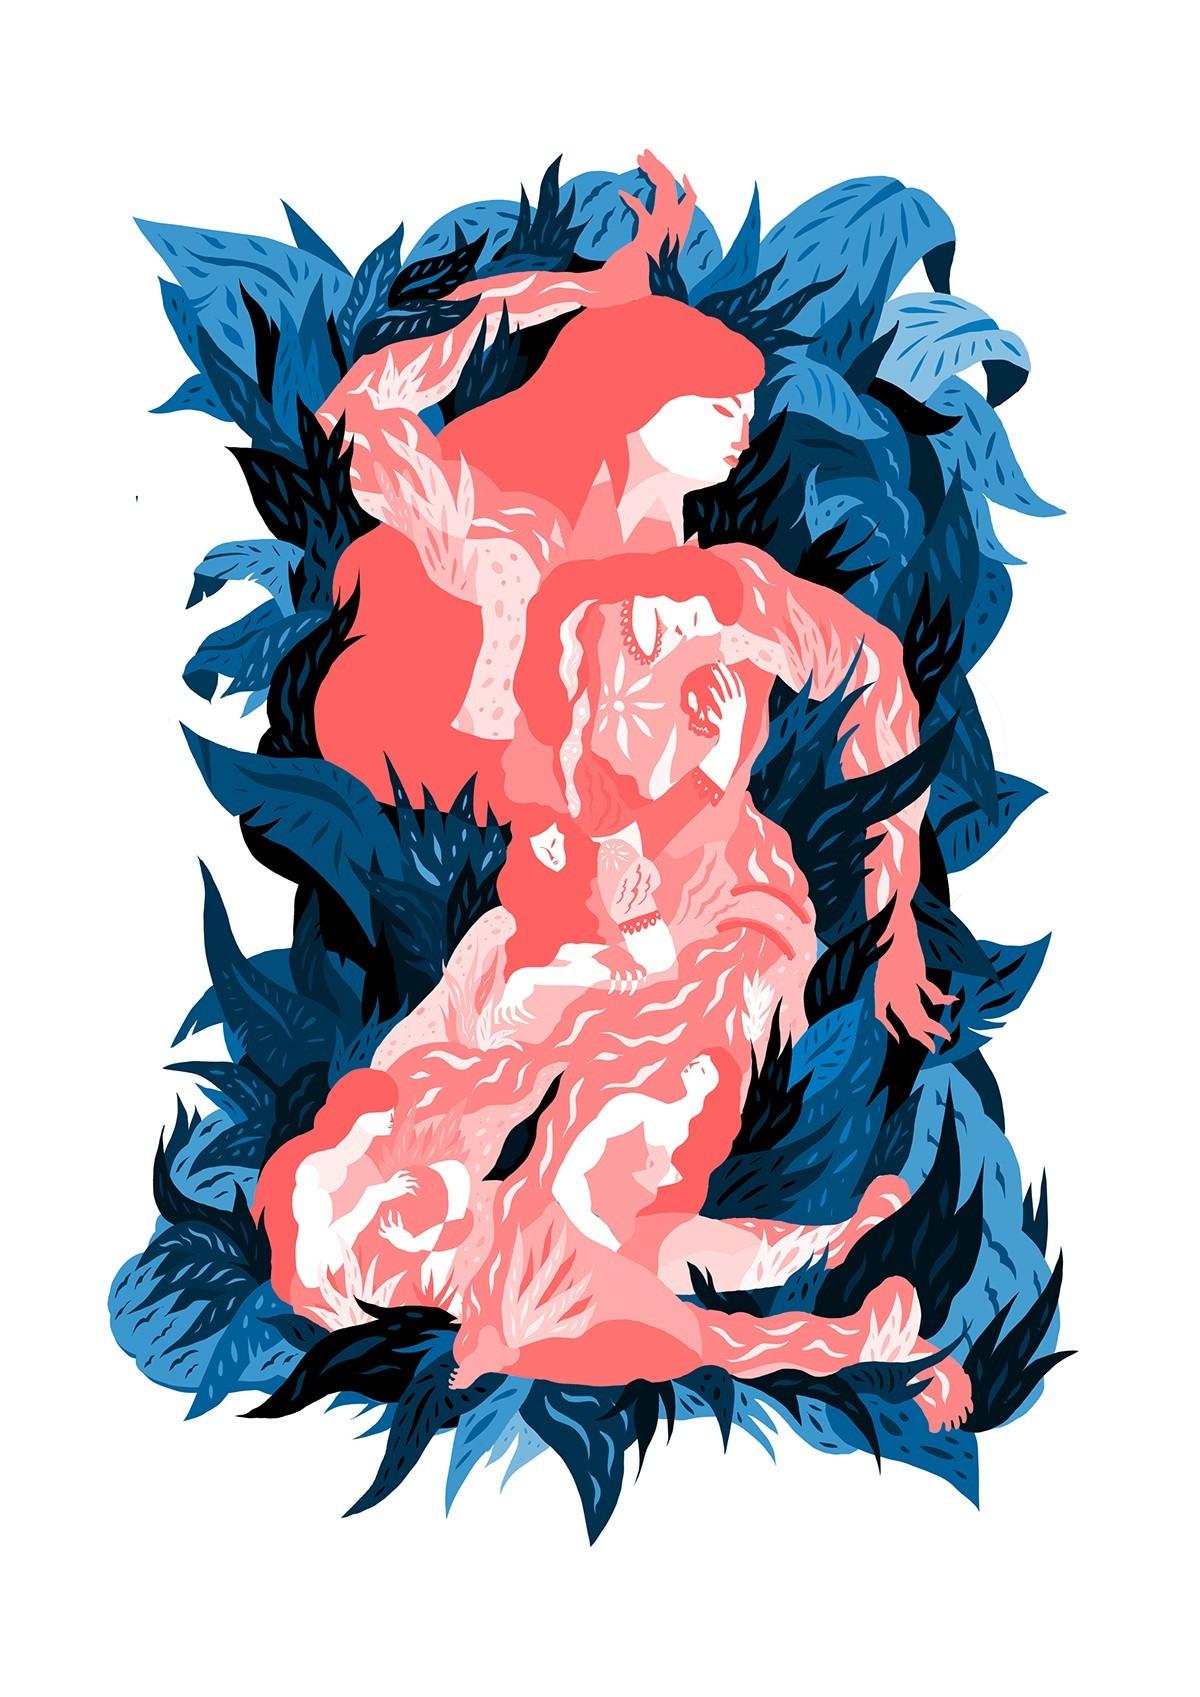 Dessin d'une femme allongée dans des feuilles, composée de plusieurs femmes